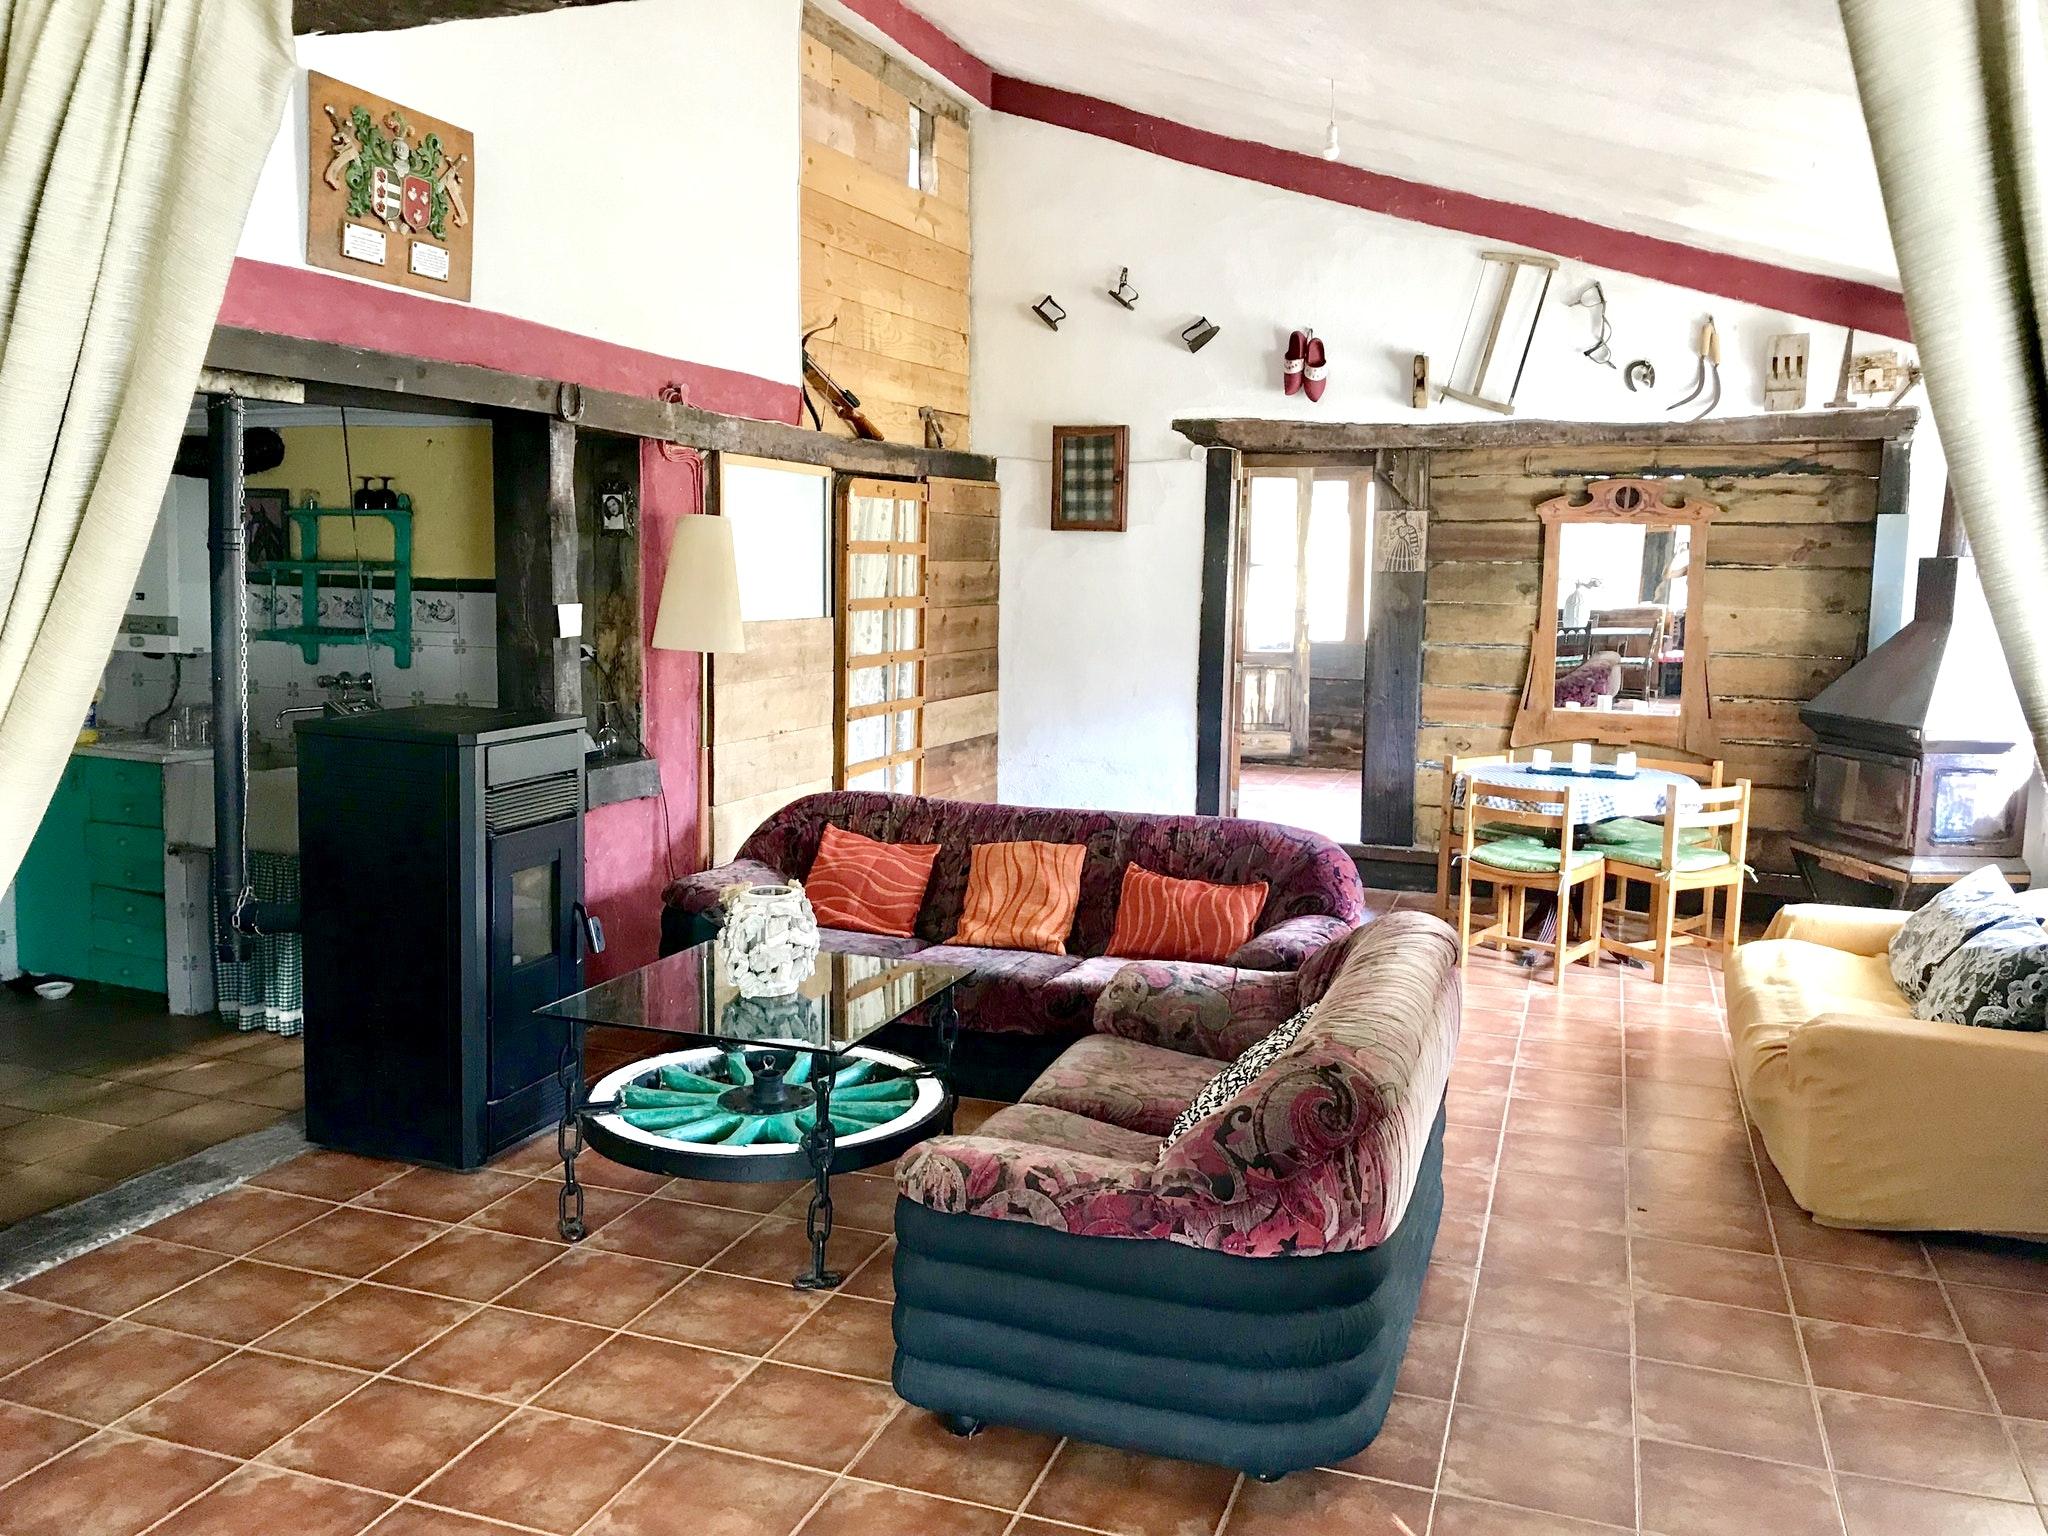 Maison de vacances Hütte mit 4 Schlafzimmern in Camarena de la Sierra mit toller Aussicht auf die Berge, priv (2474258), Camarena de la Sierra, Teruel, Aragon, Espagne, image 18